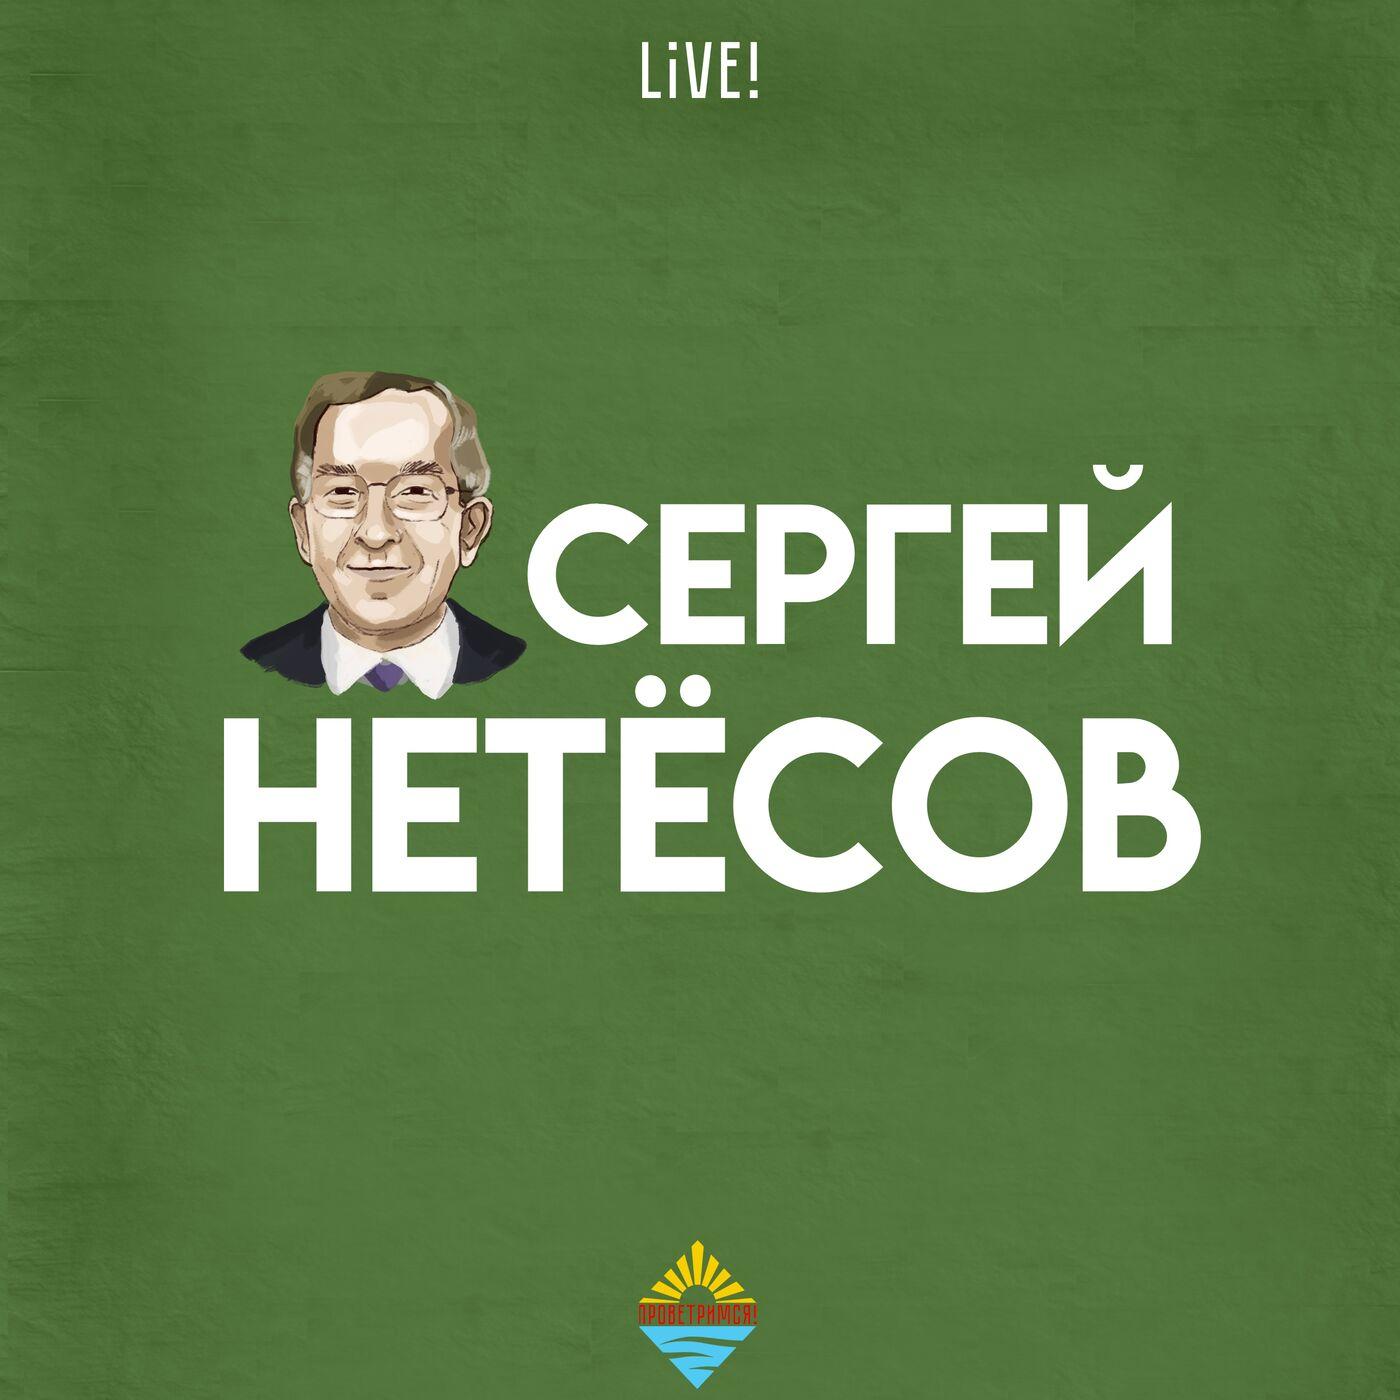 Сергей Нетесов live! II